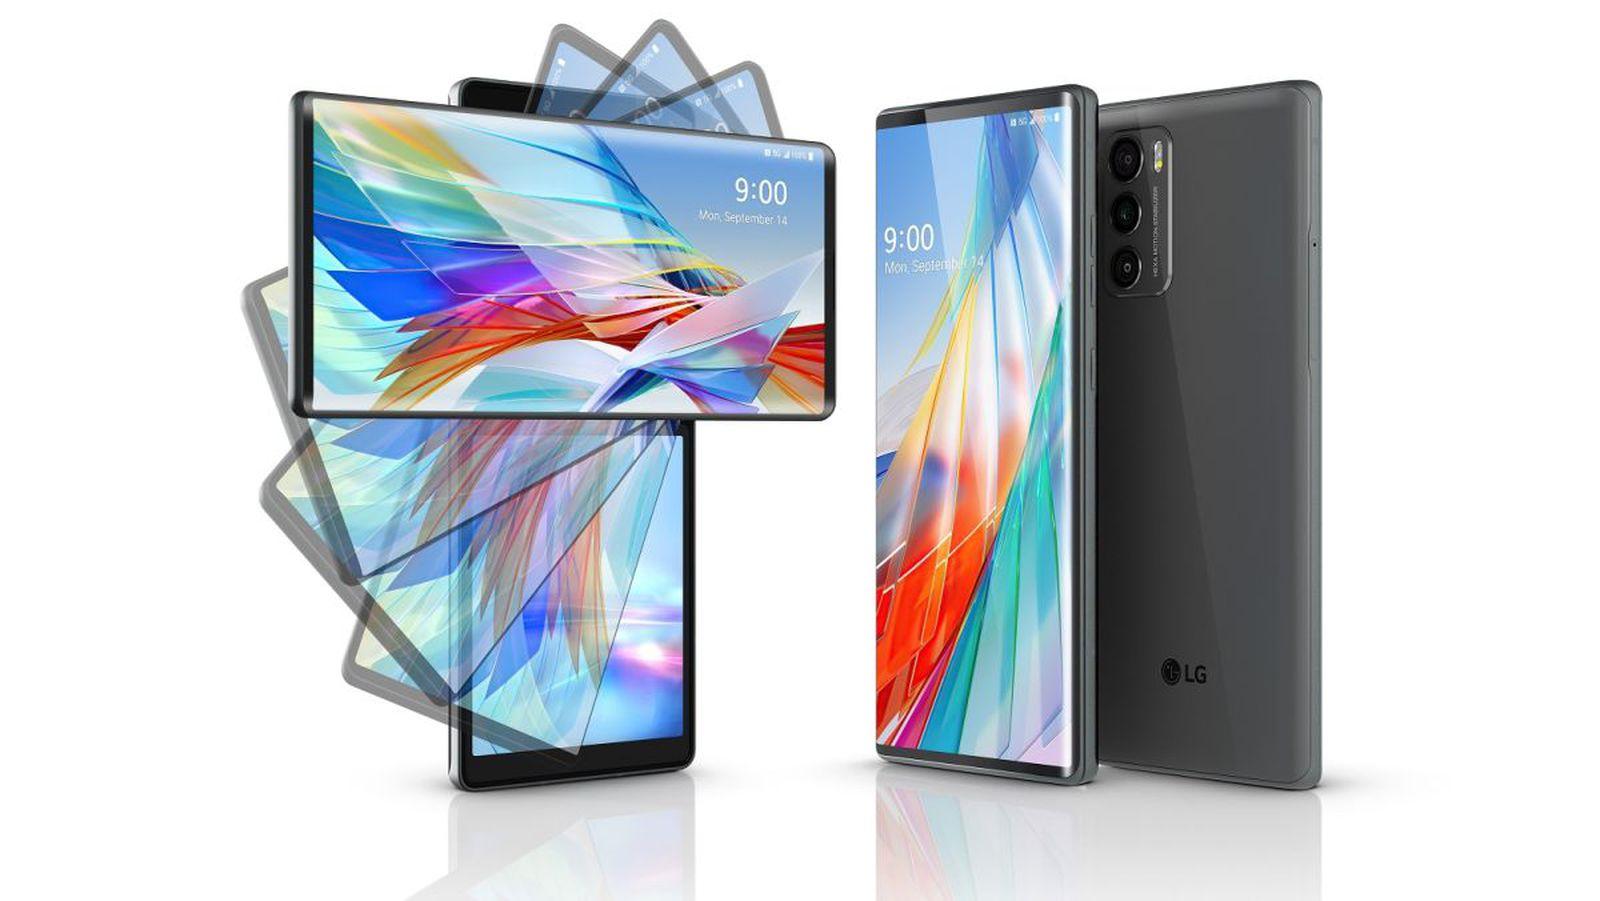 LG có thể rời khỏi thị trường điện thoại thông minh trong năm tới 4